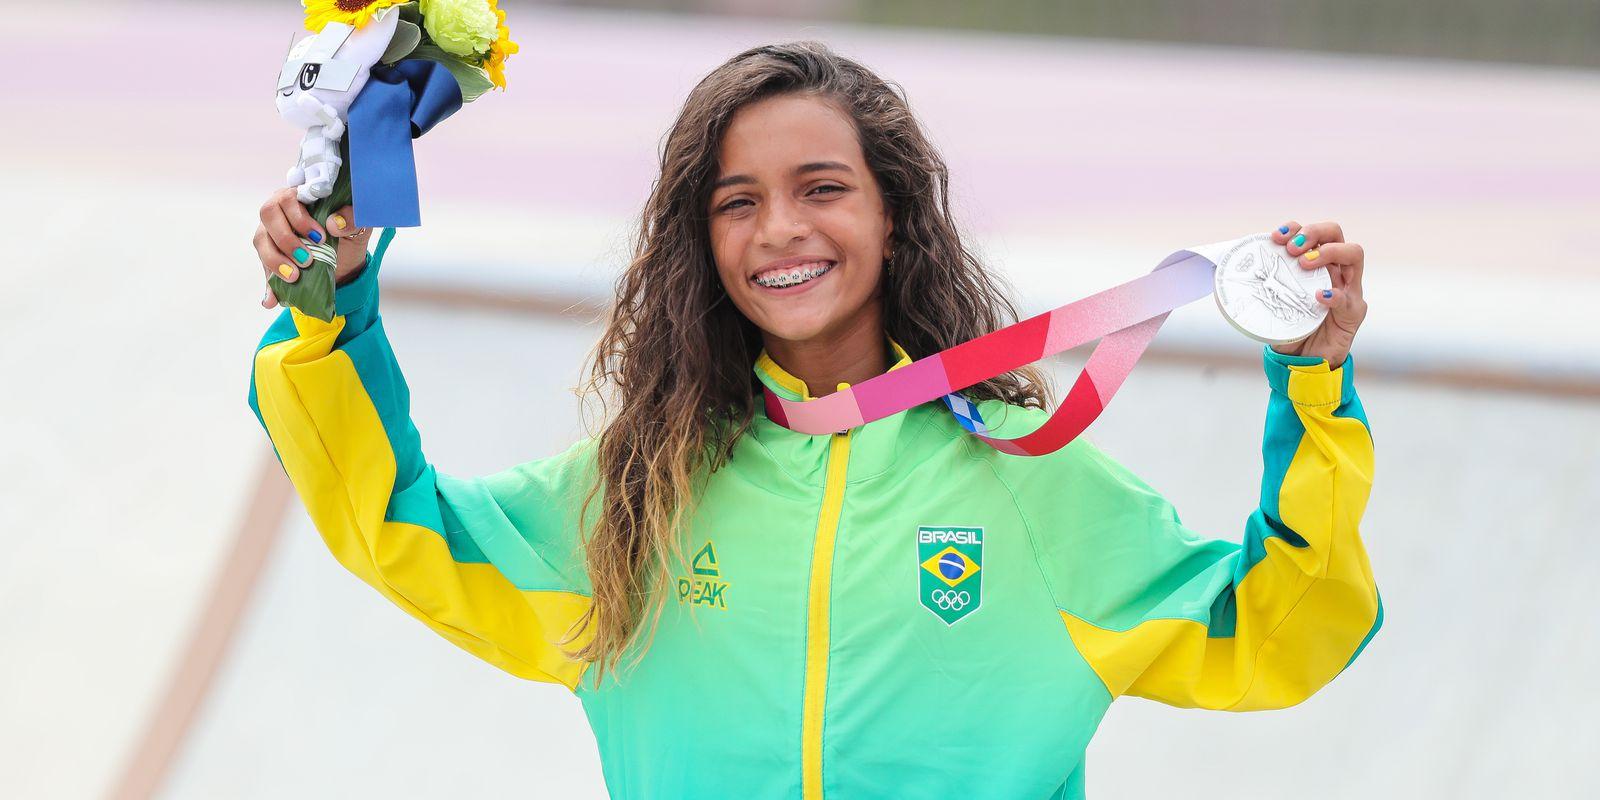 Olimpíadas: Rayssa Leal conquista prata no skate e se torna a medalhista mais jovem do Brasil